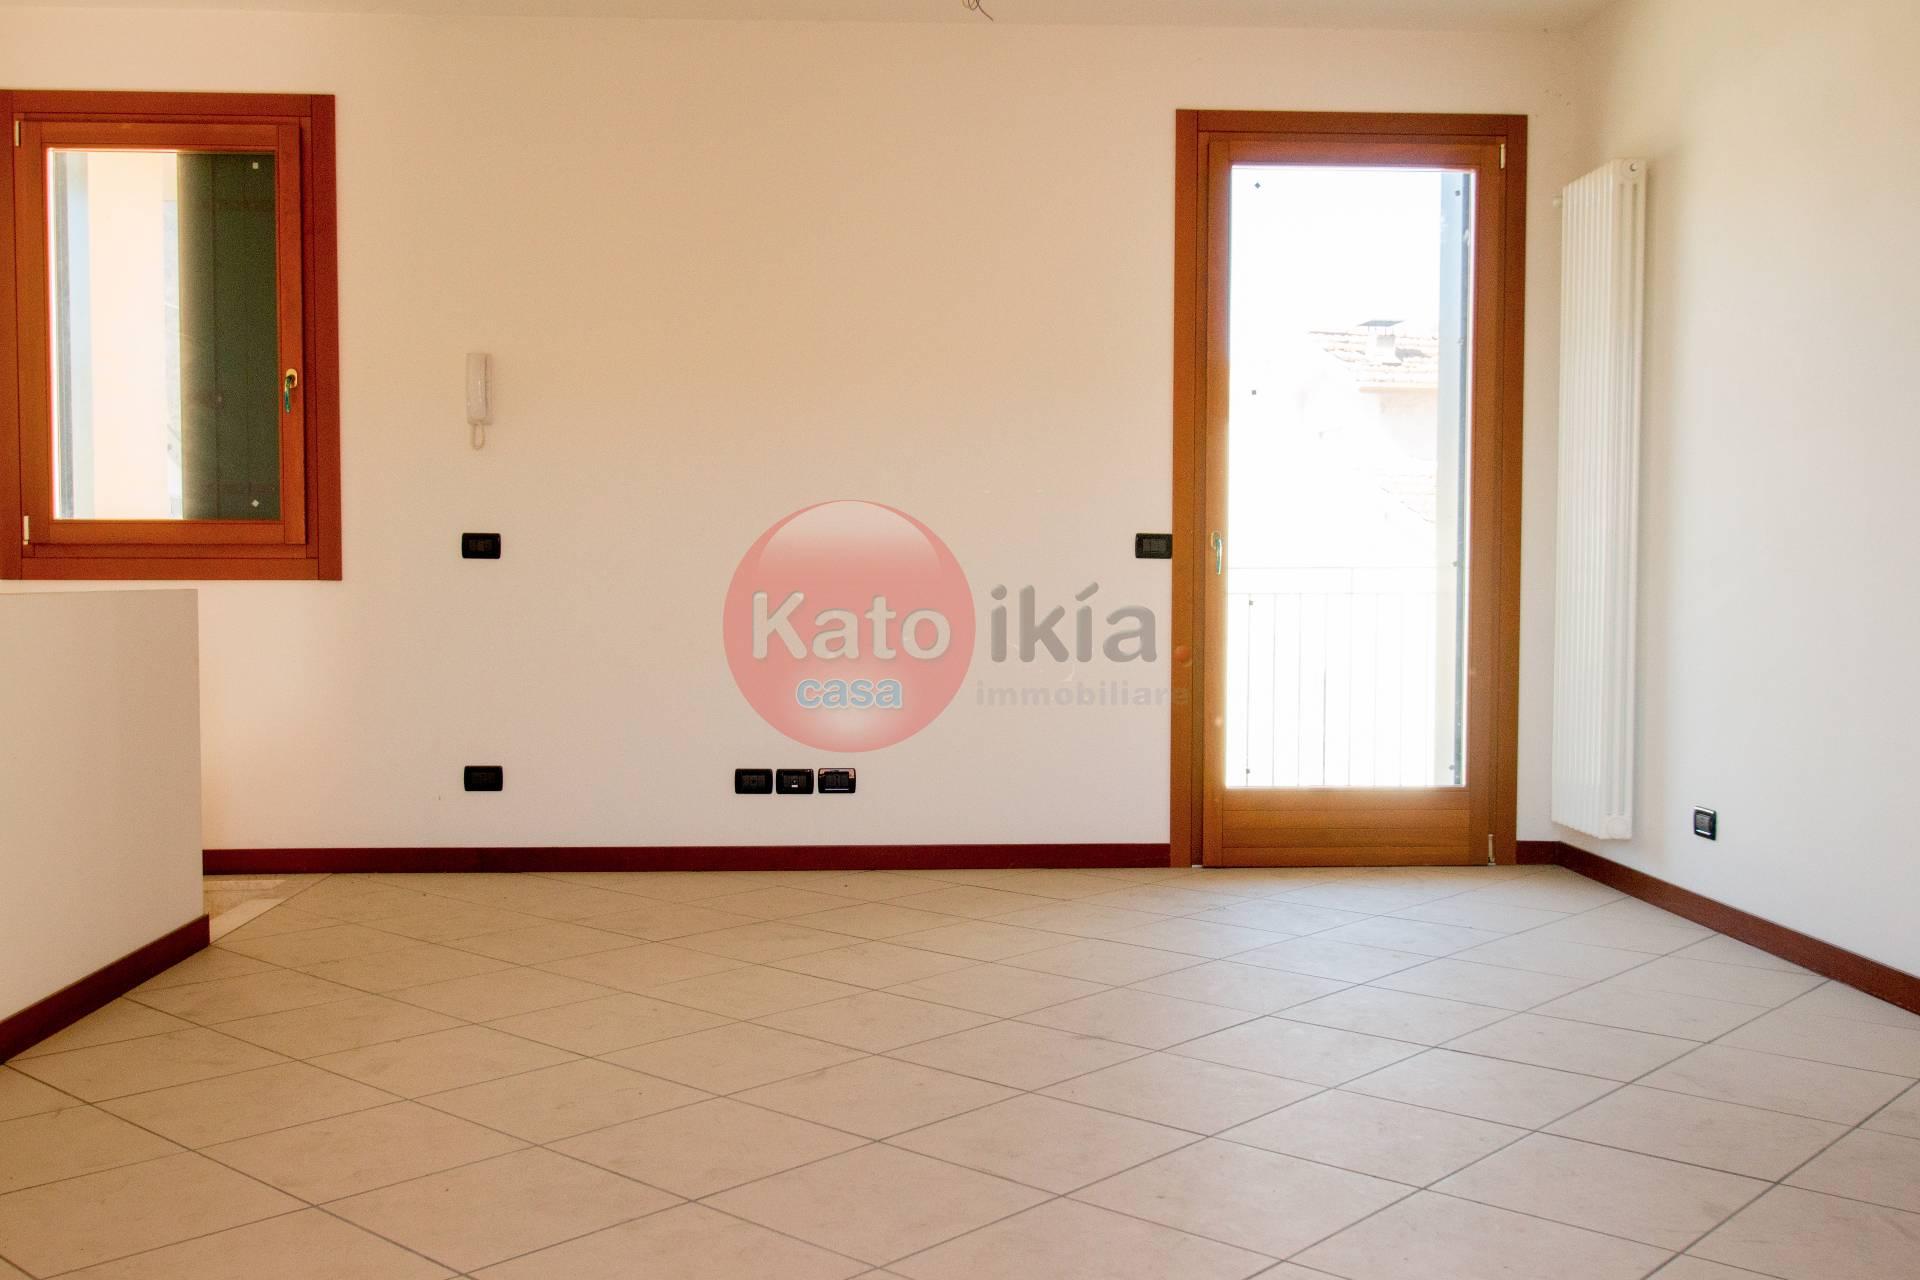 Appartamento in vendita a Torrebelvicino, 3 locali, prezzo € 114.000 | CambioCasa.it